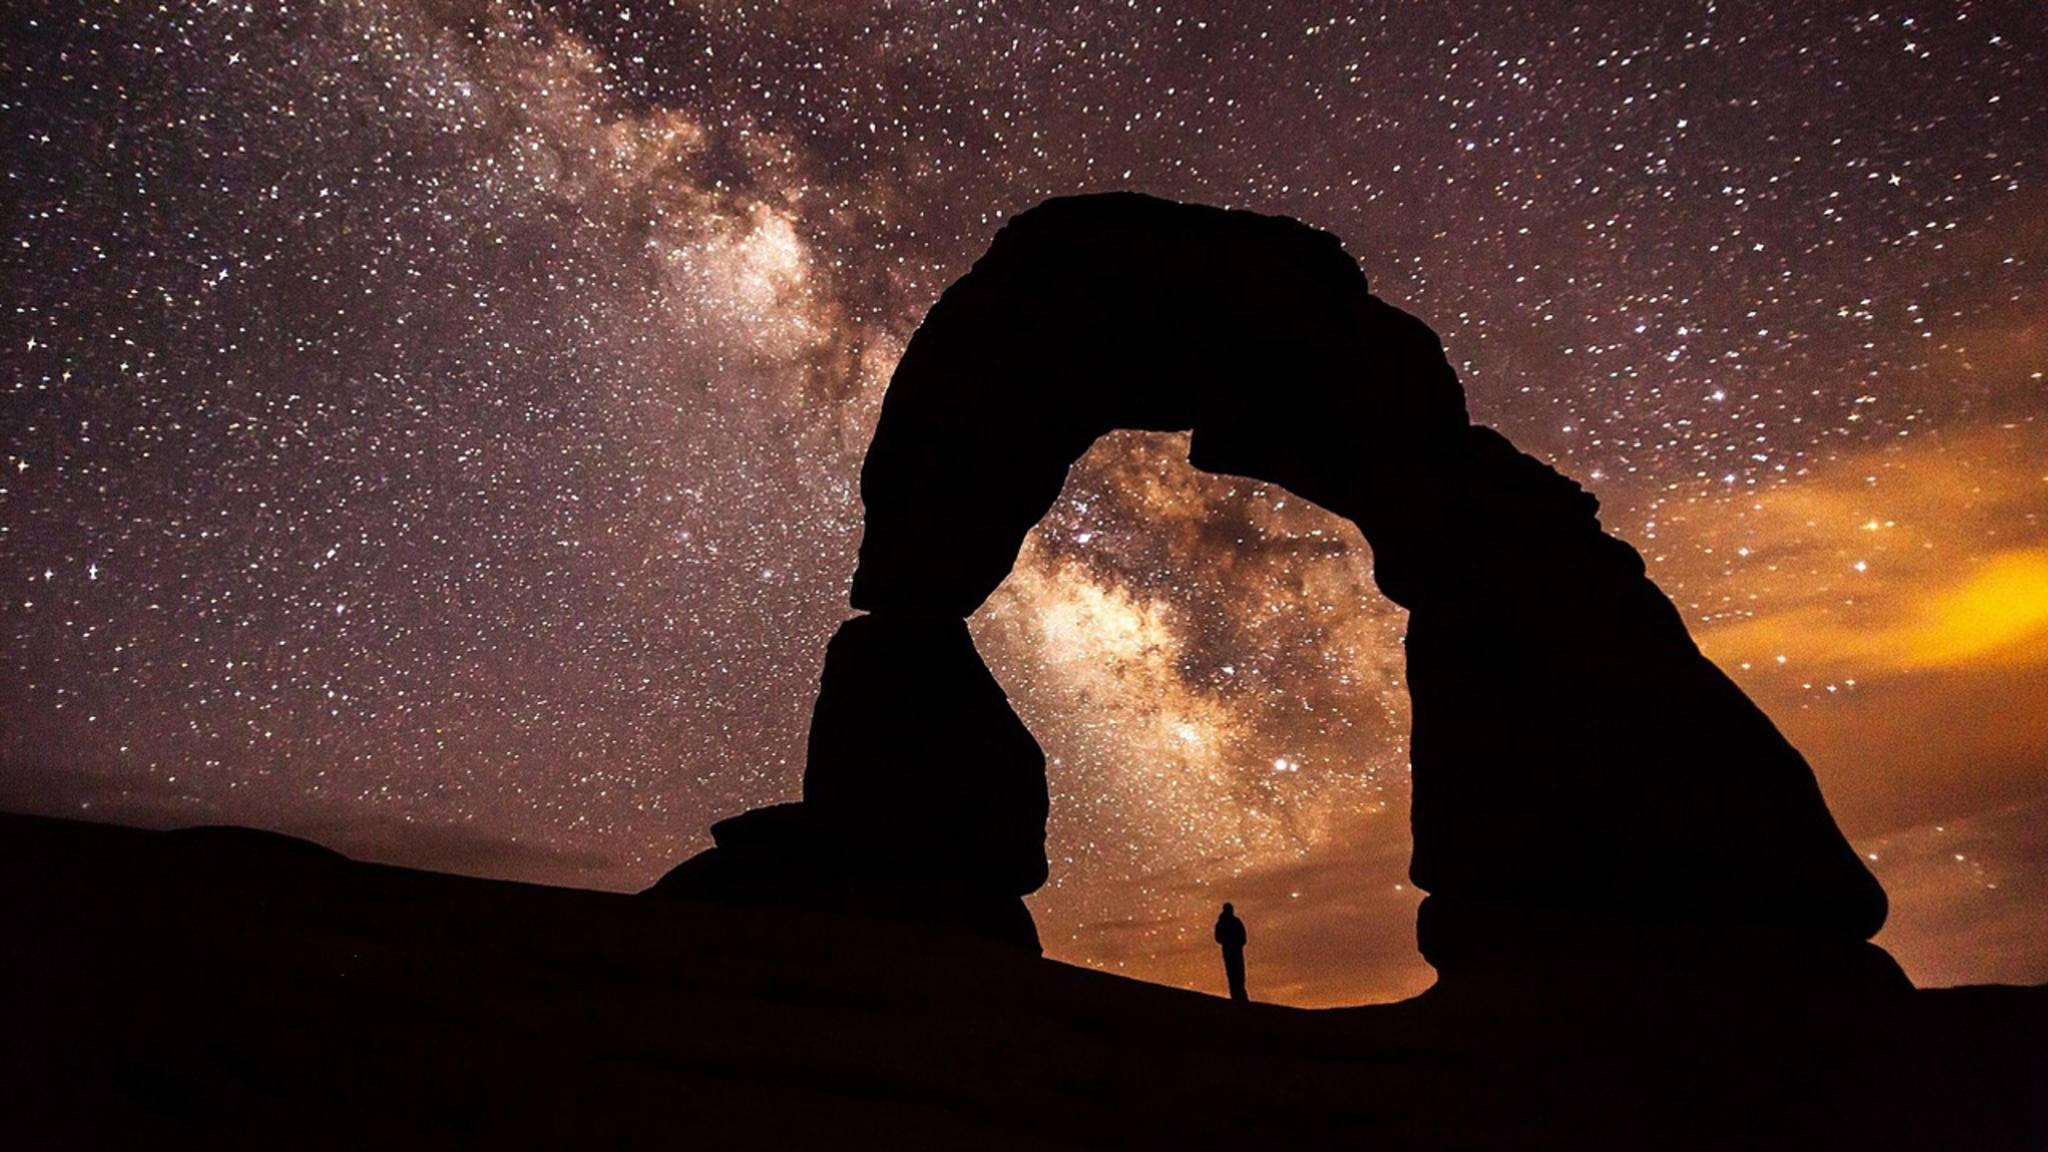 Auf der Nordhalbkugel strahlt die Milchstraße in den Sommermonaten am hellsten.